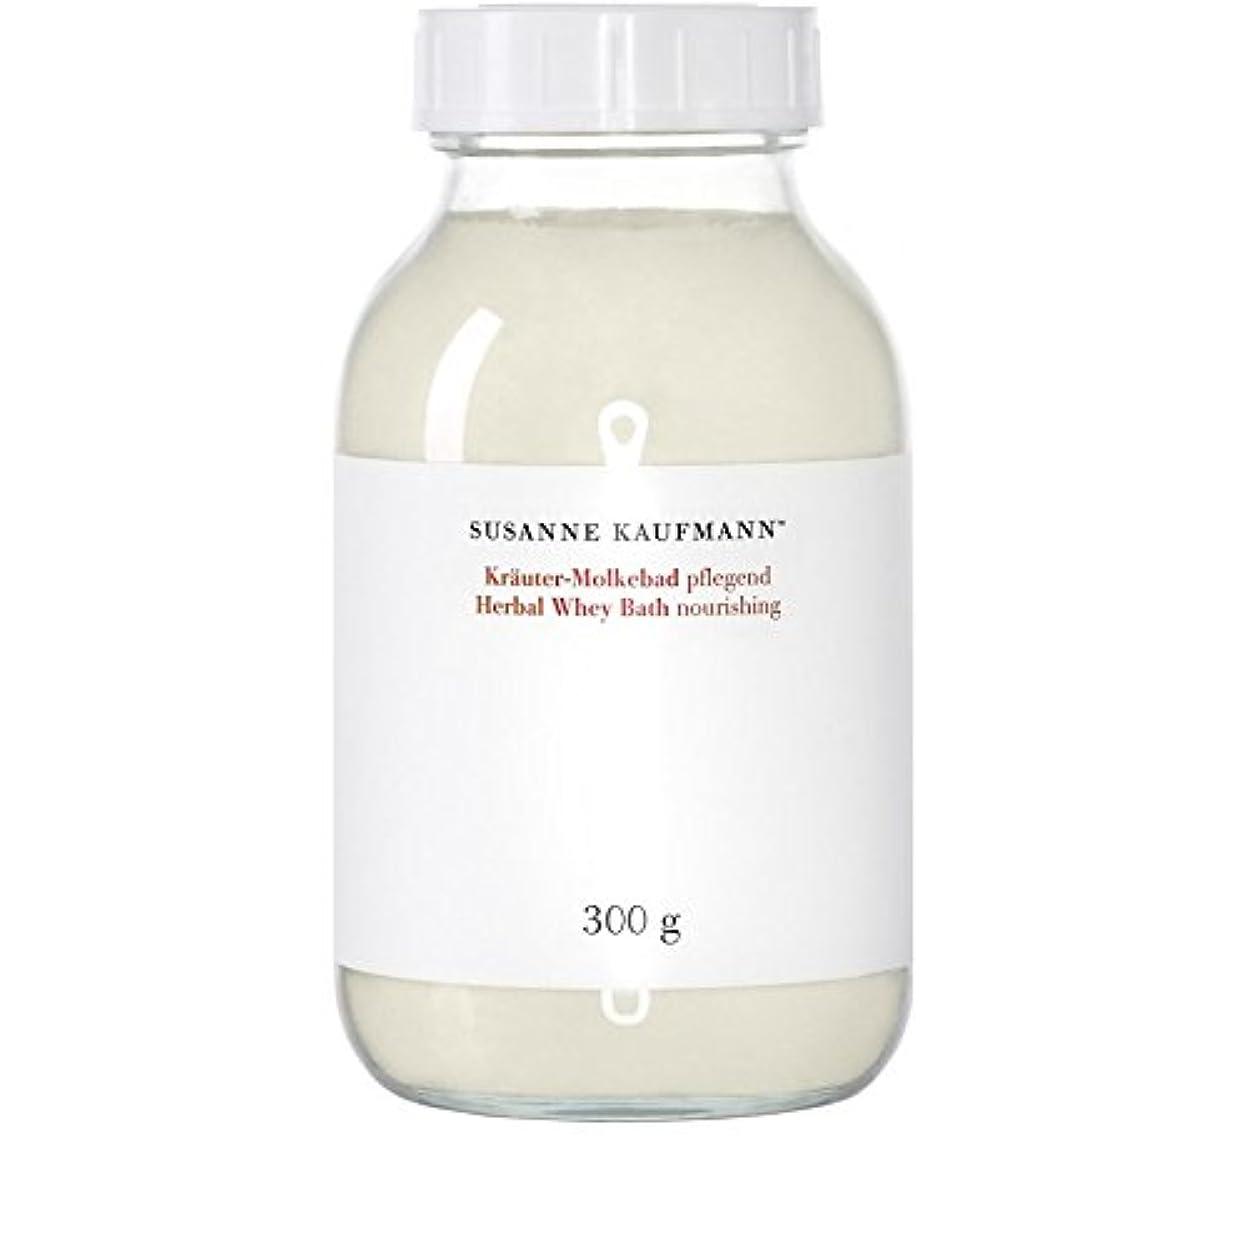 実業家ミリメータートラブルSusanne Kaufmann Nourishing Herbal Whey Bath 300g - スザンヌカウフマン栄養ハーブホエーバス300グラム [並行輸入品]